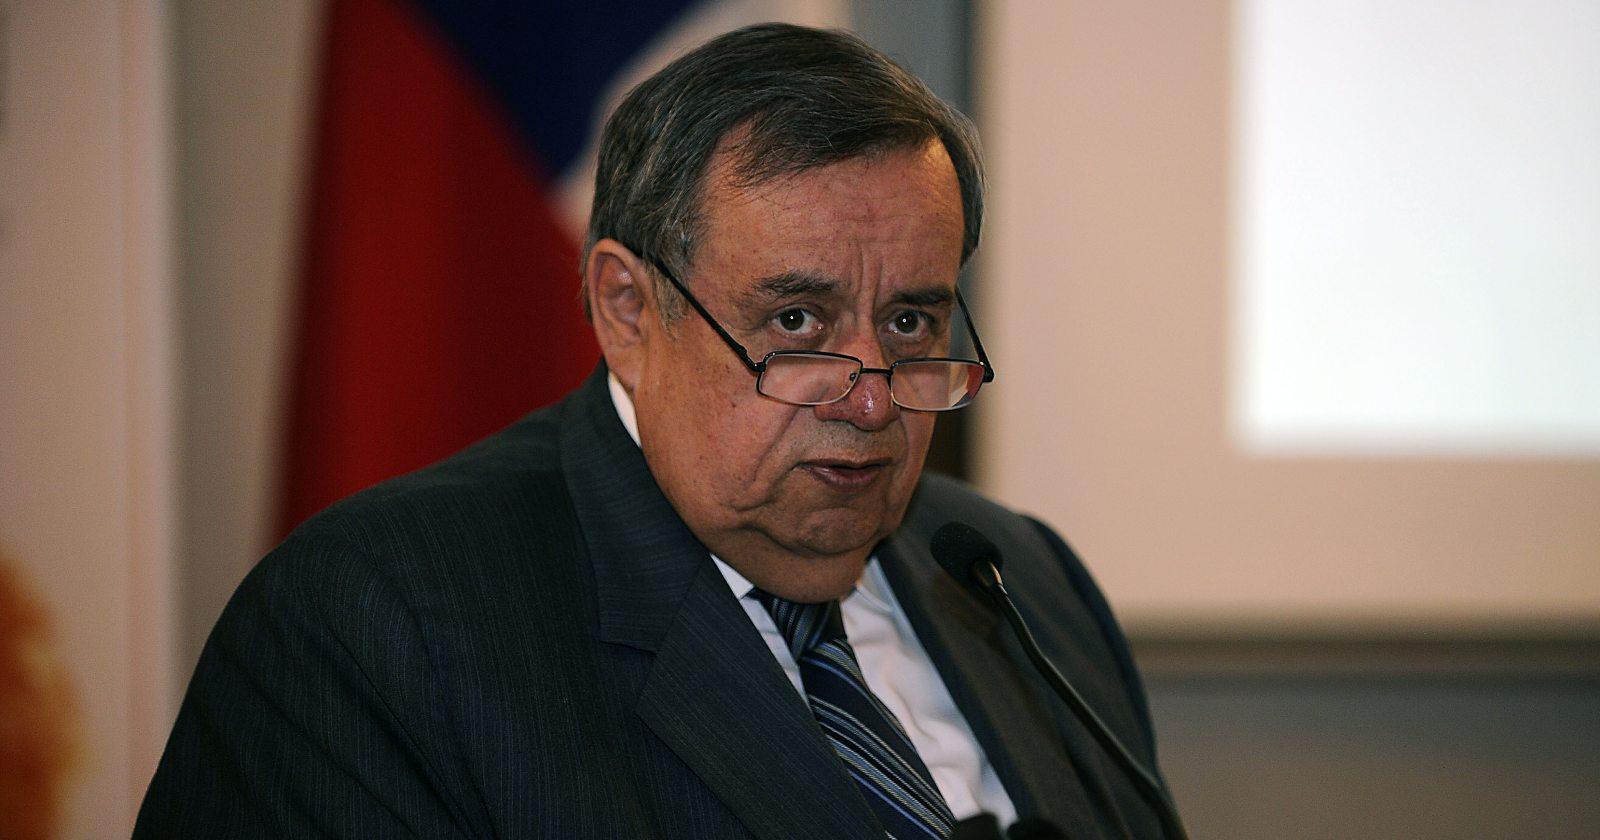 Fallece histórico ex alcalde de Valparaíso Hernán Pinto